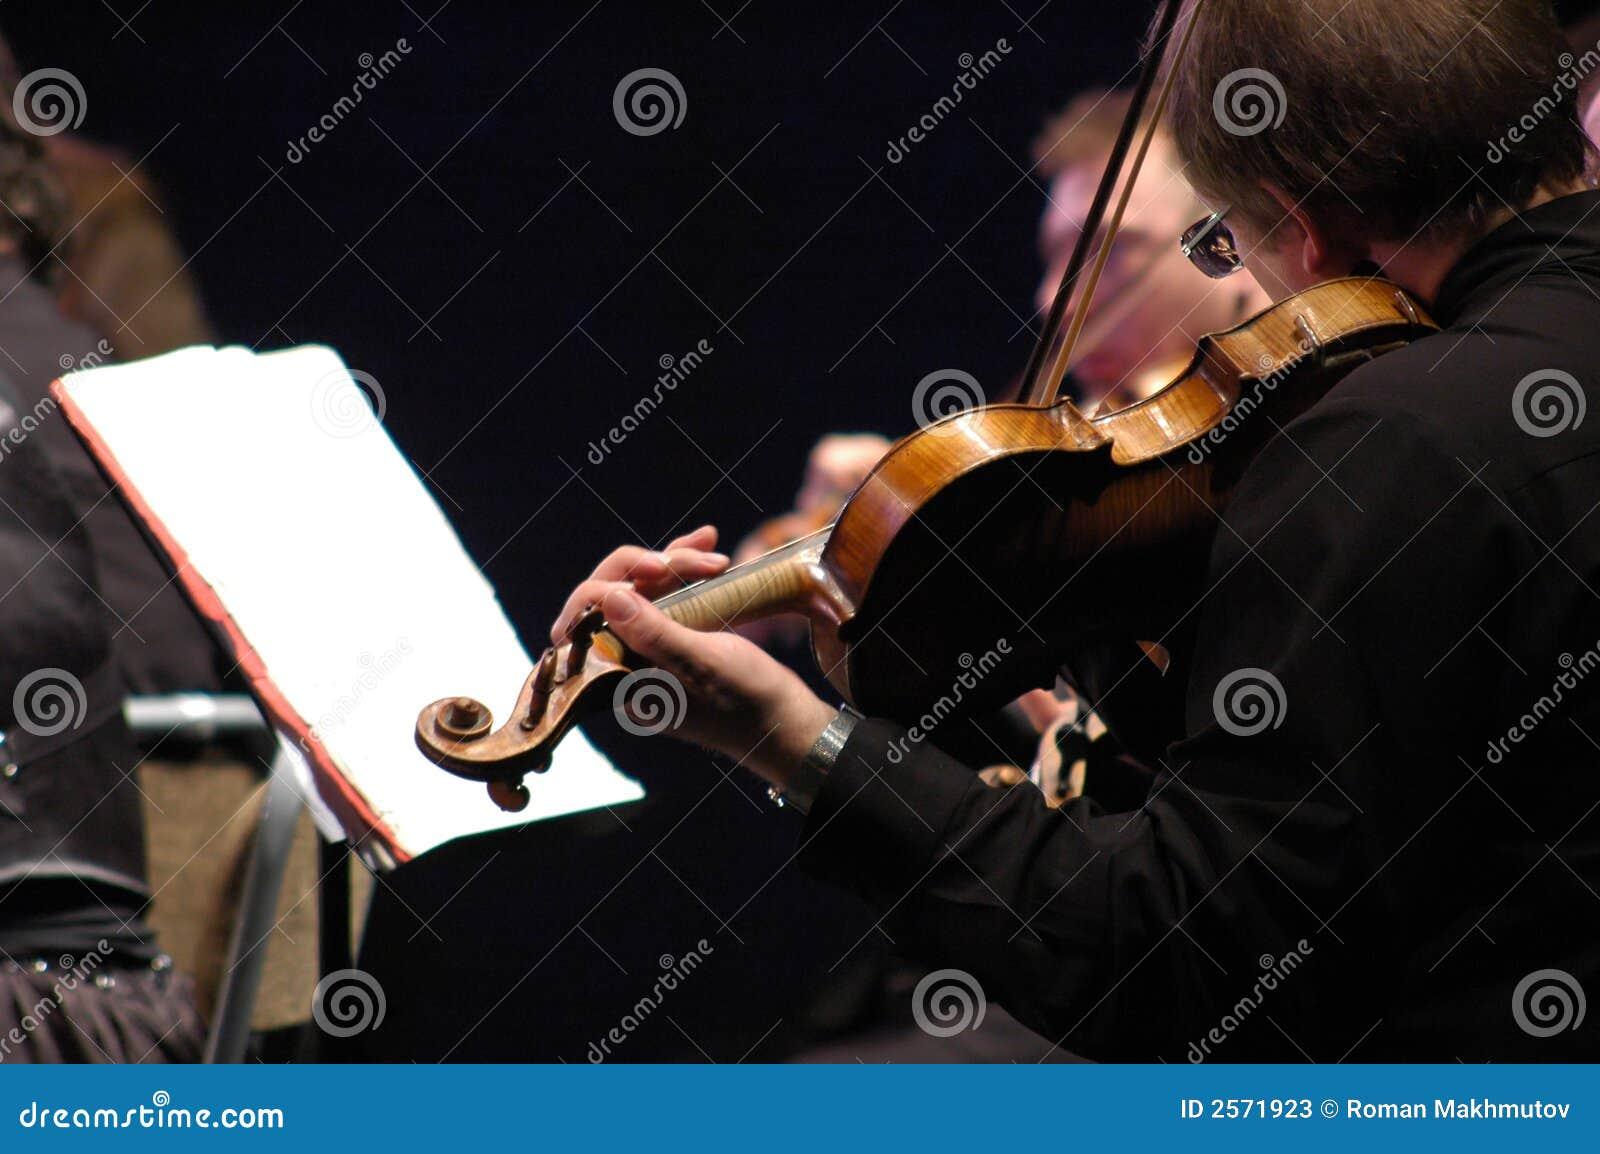 音乐会小提琴手